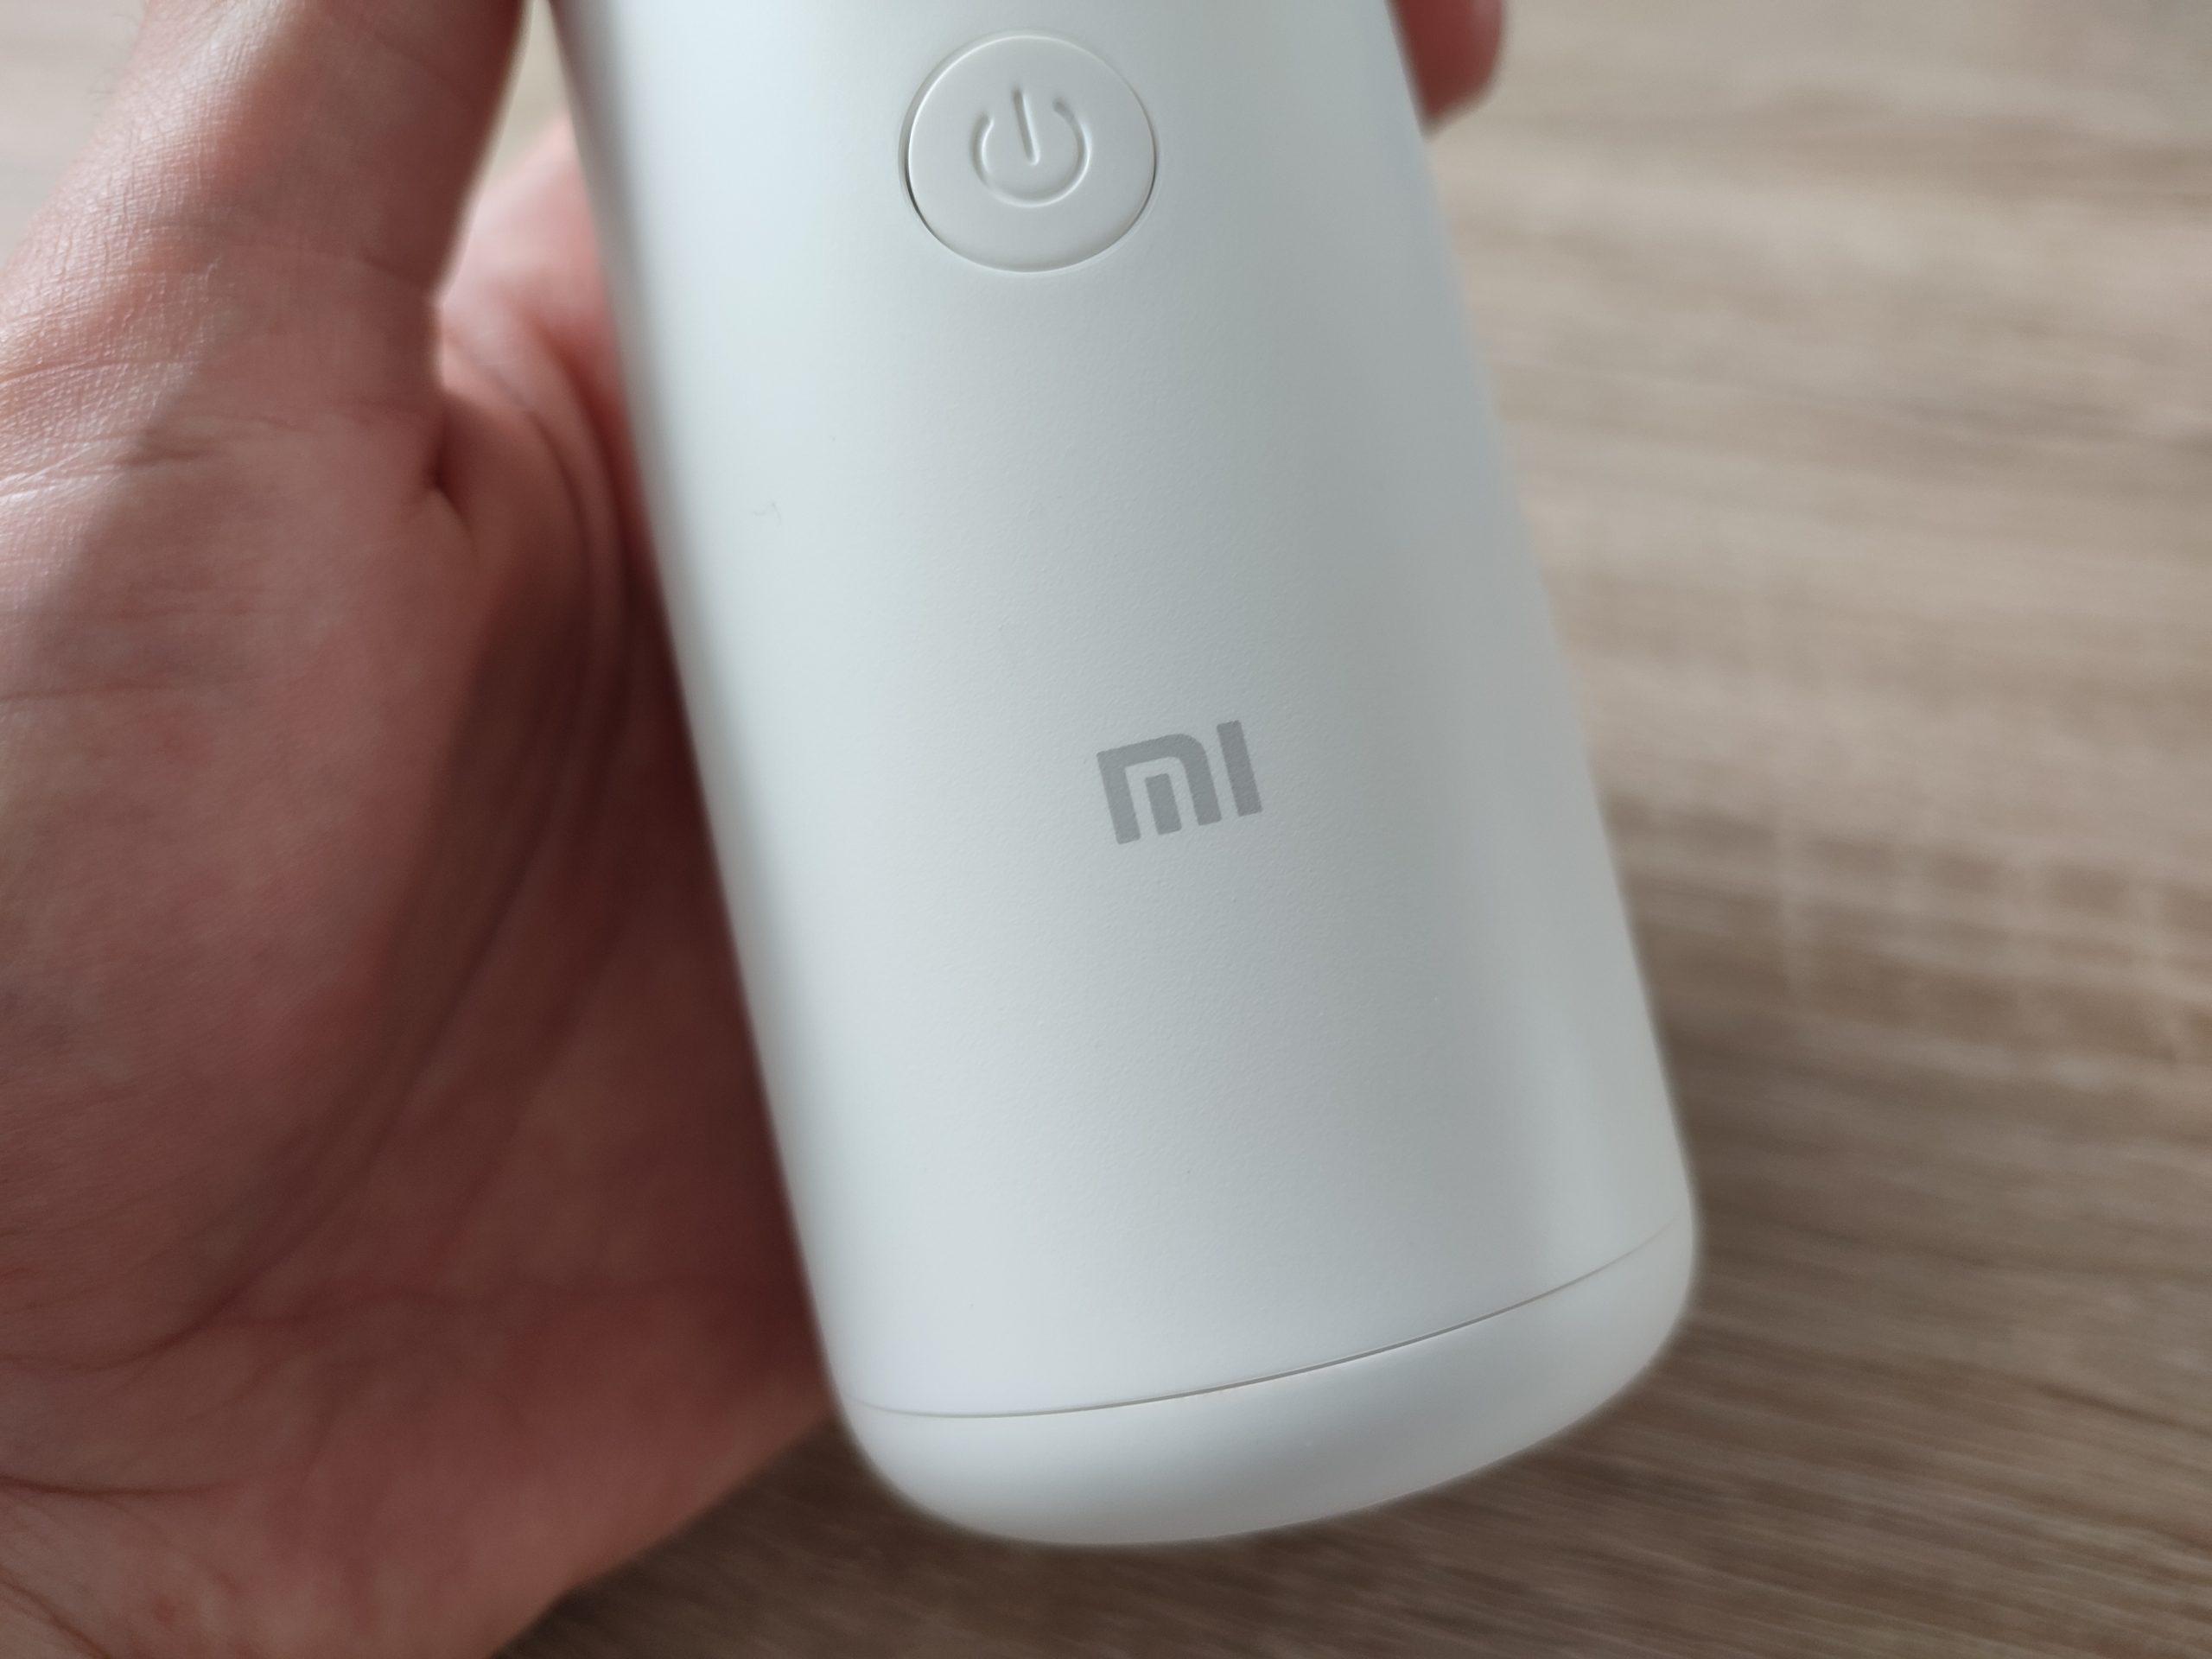 Xiaomi Mi Handsauger Mini Logo